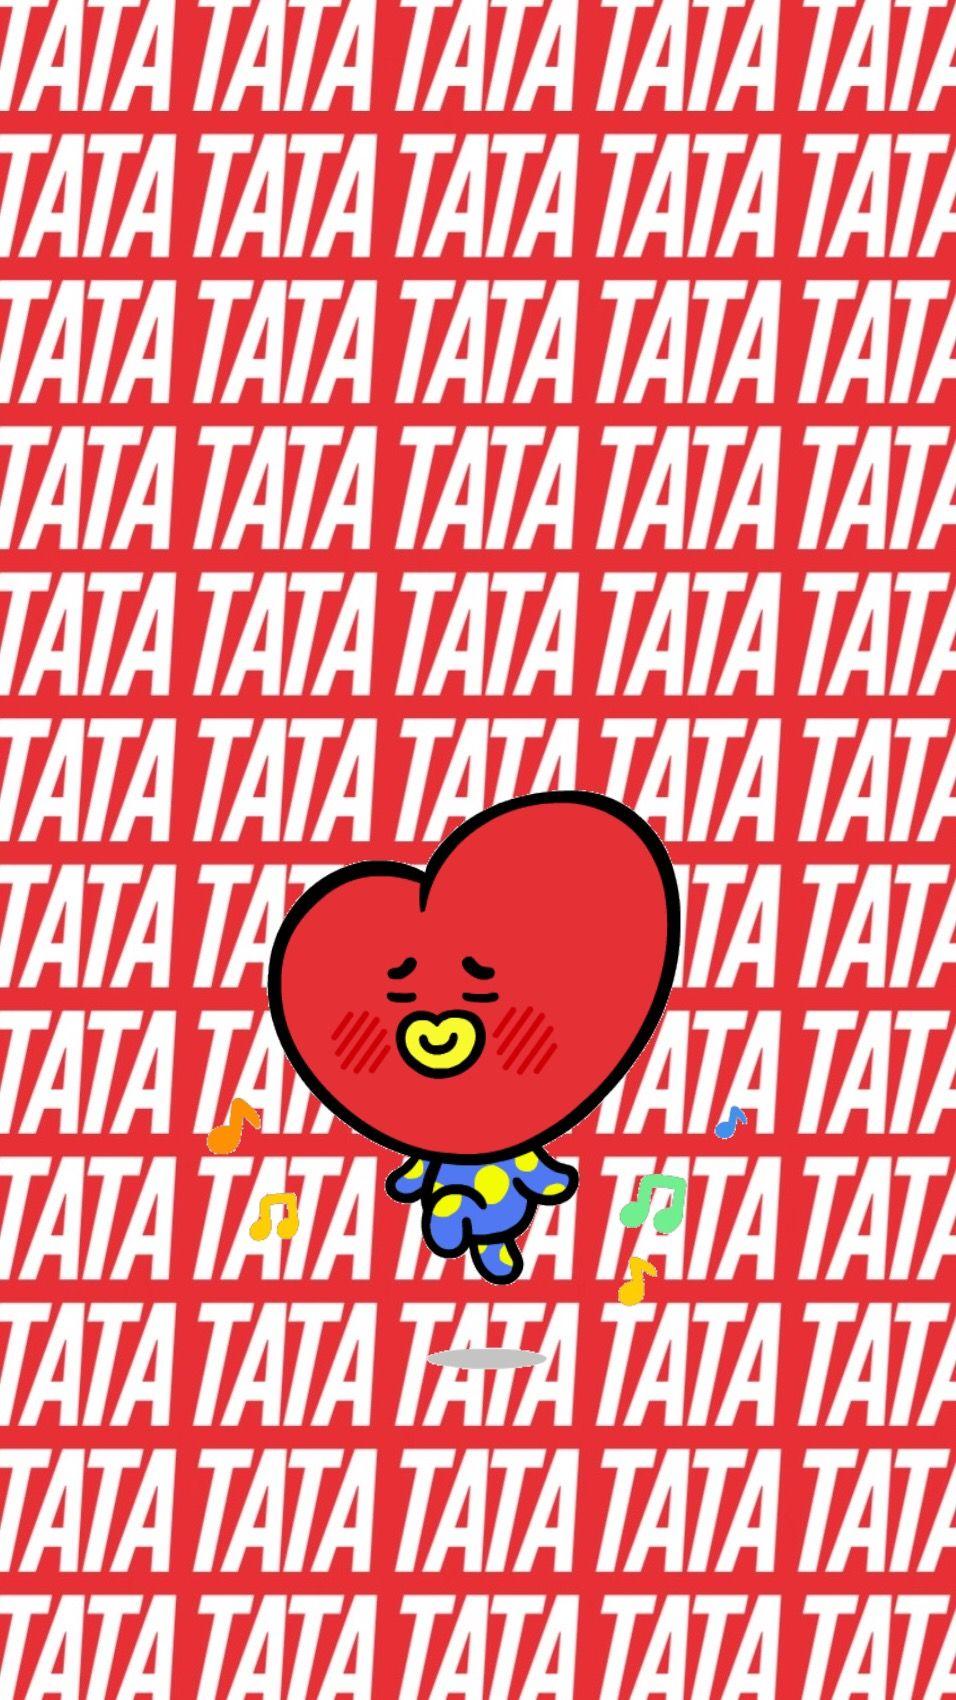 Bts Tata Wallpaper Kimtaehyung V Bt21ℓikye Tniѕ Ri Fsℓℓsw Mye Fsya